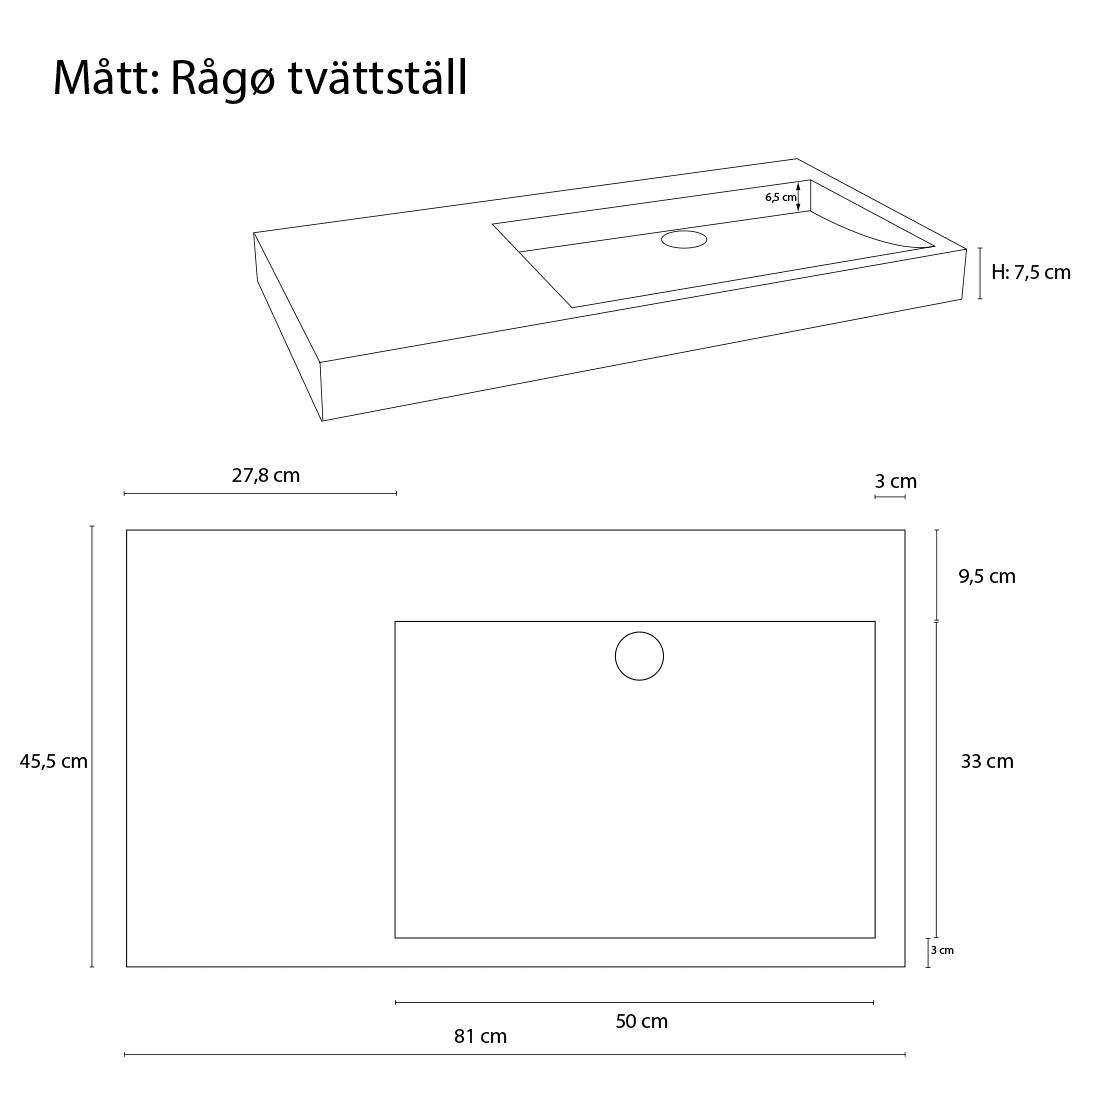 Tvättställ Rågø, Rock Solid™